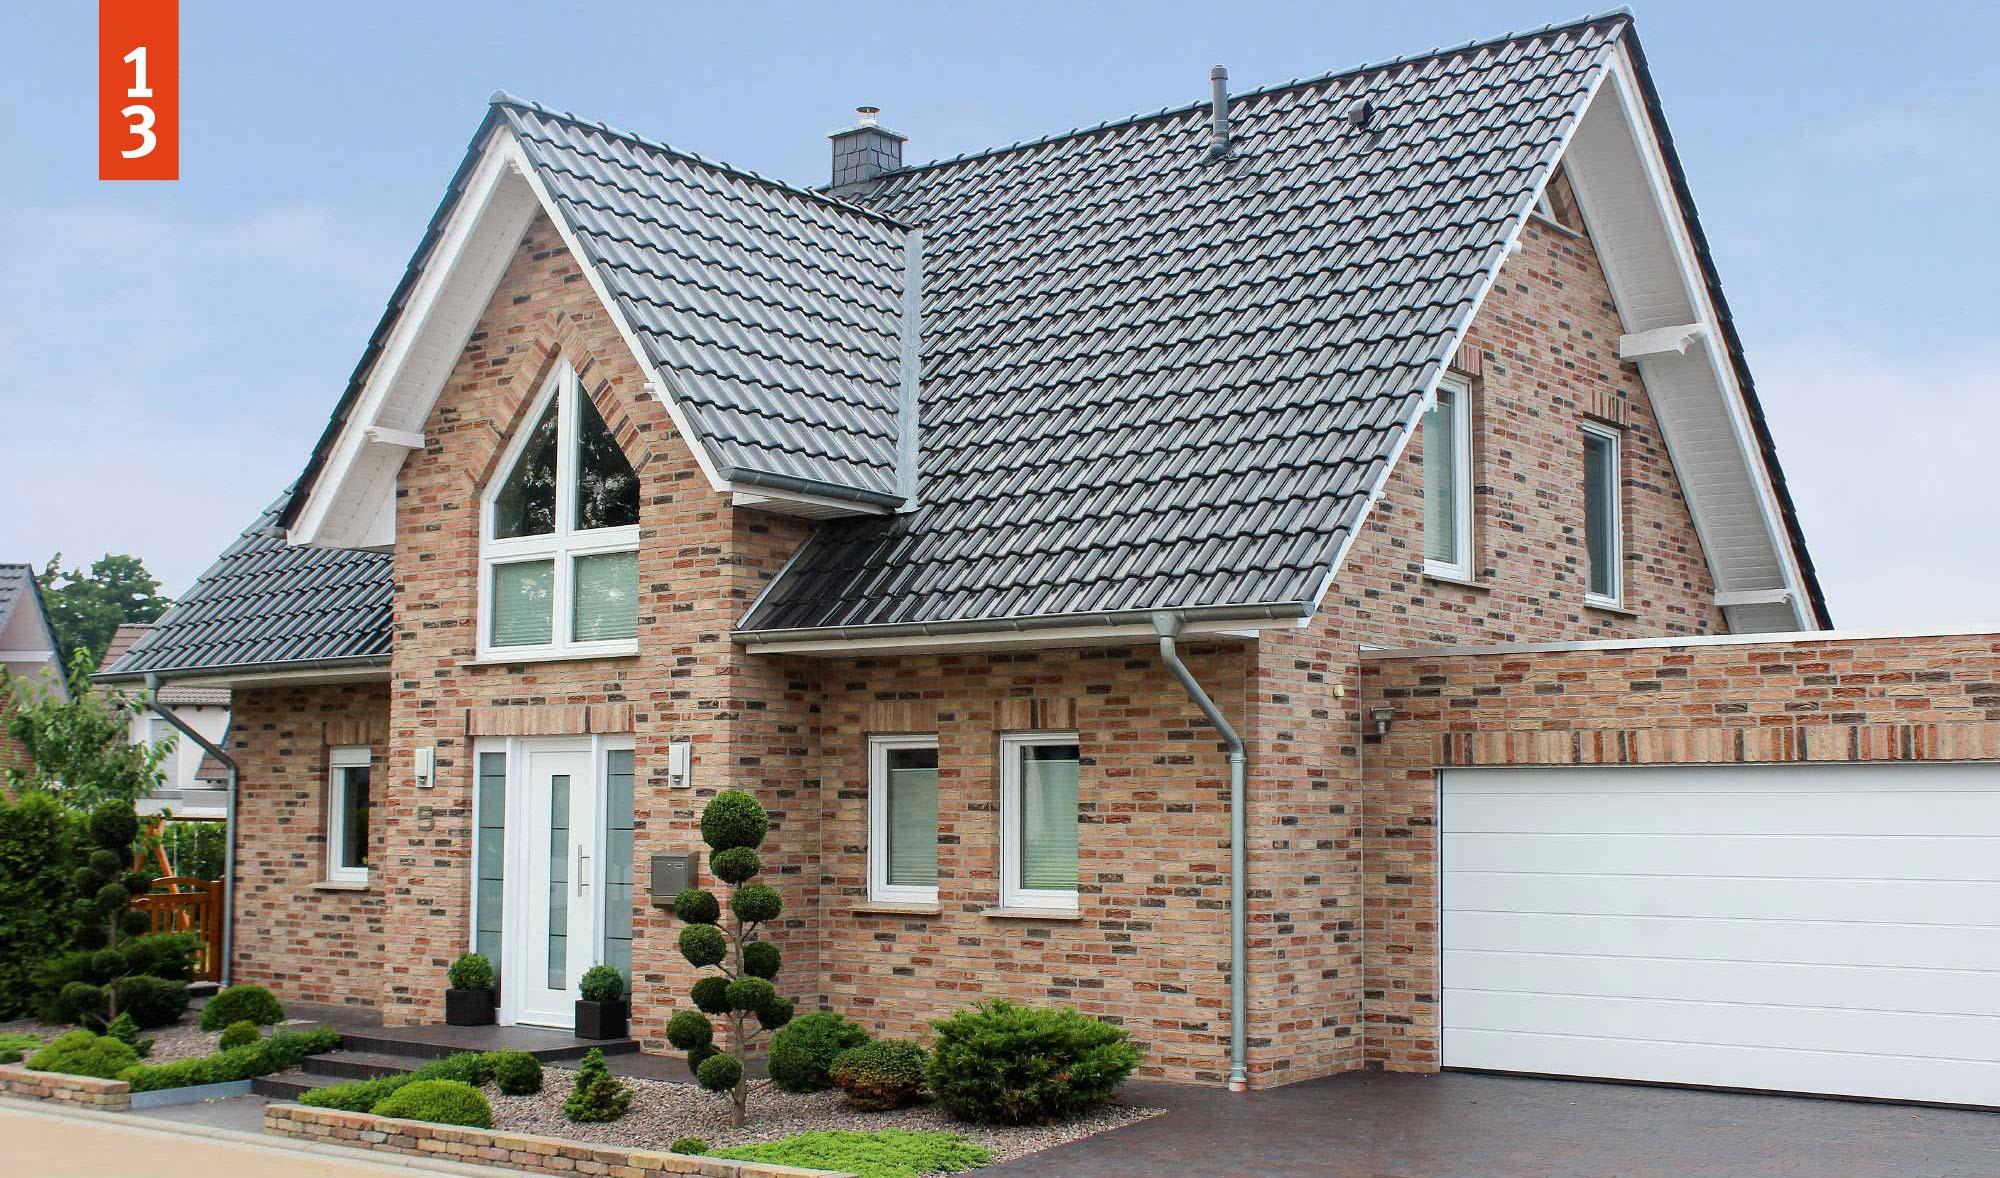 Unser Satteldachhaus mit Kapitänsgiebel ZEIT-RAUM - Wohnraum auf über 170 m² Grundriss